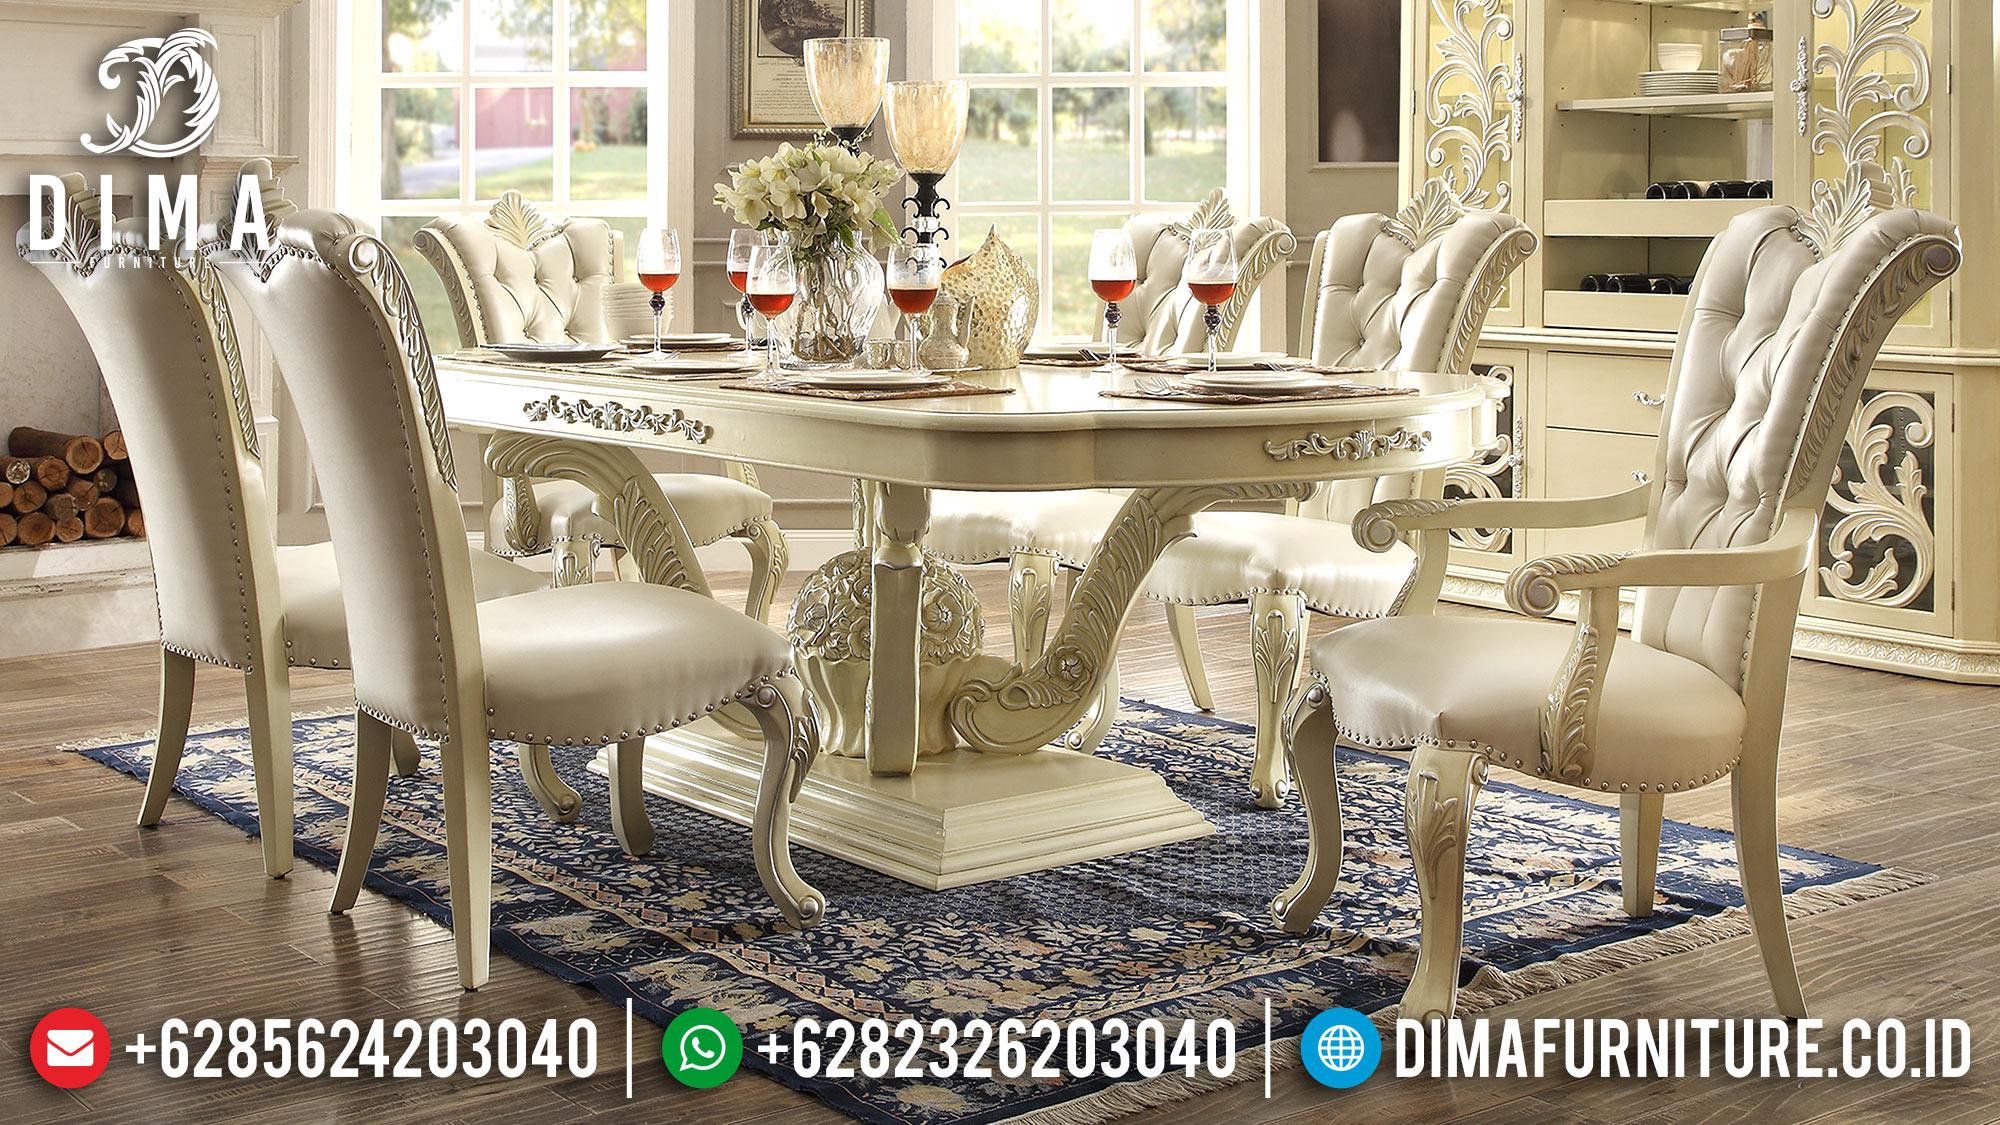 Meja Makan Mewah Jepara Terbaru 2018 13 Dima Furniture Jepara